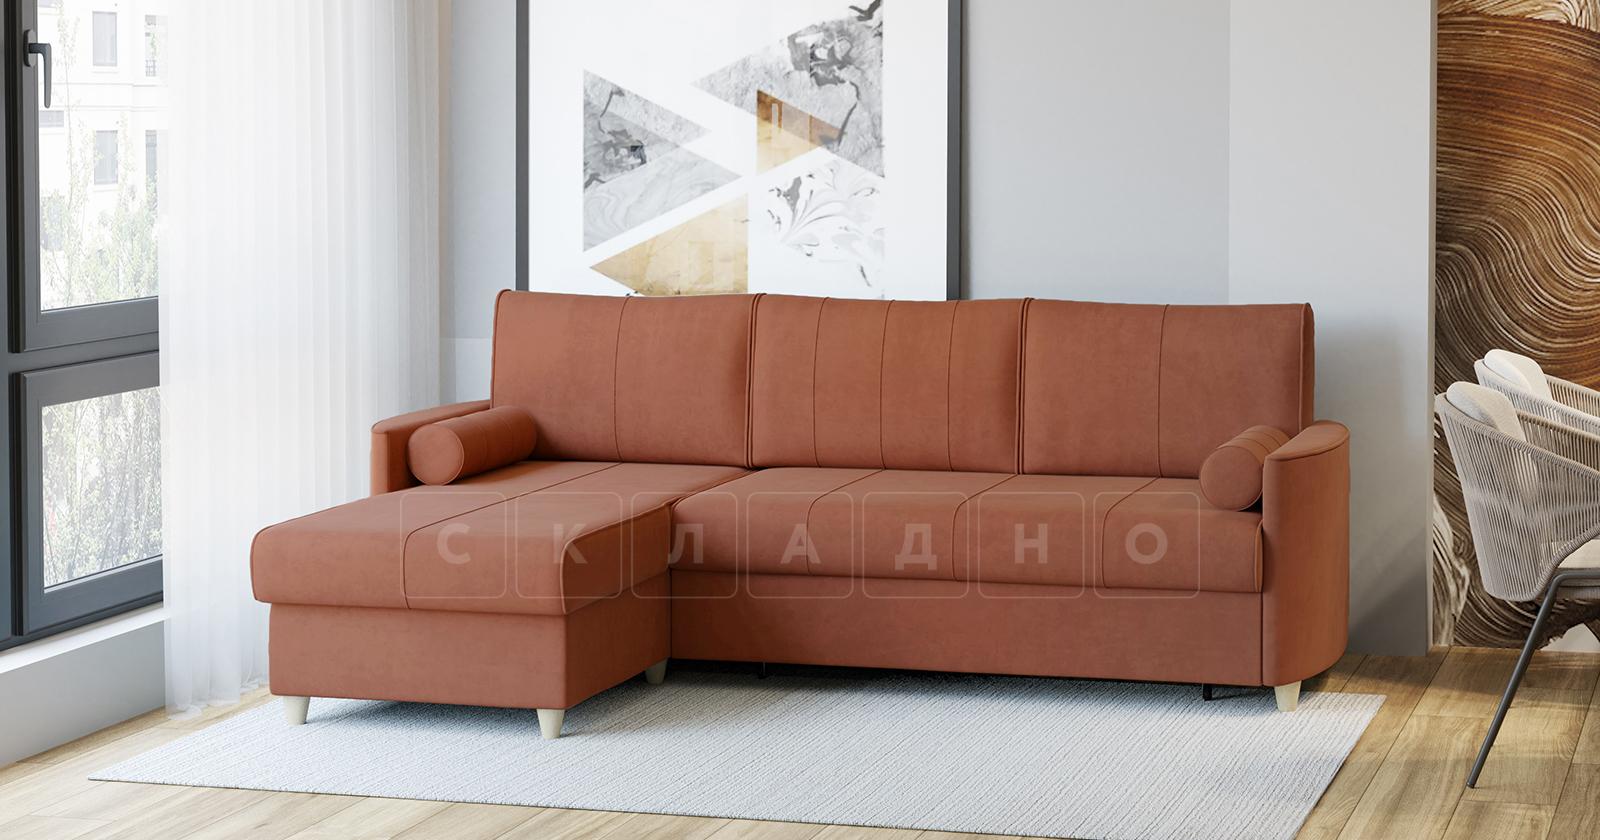 Угловой диван Лорен кирпичный фото 2   интернет-магазин Складно